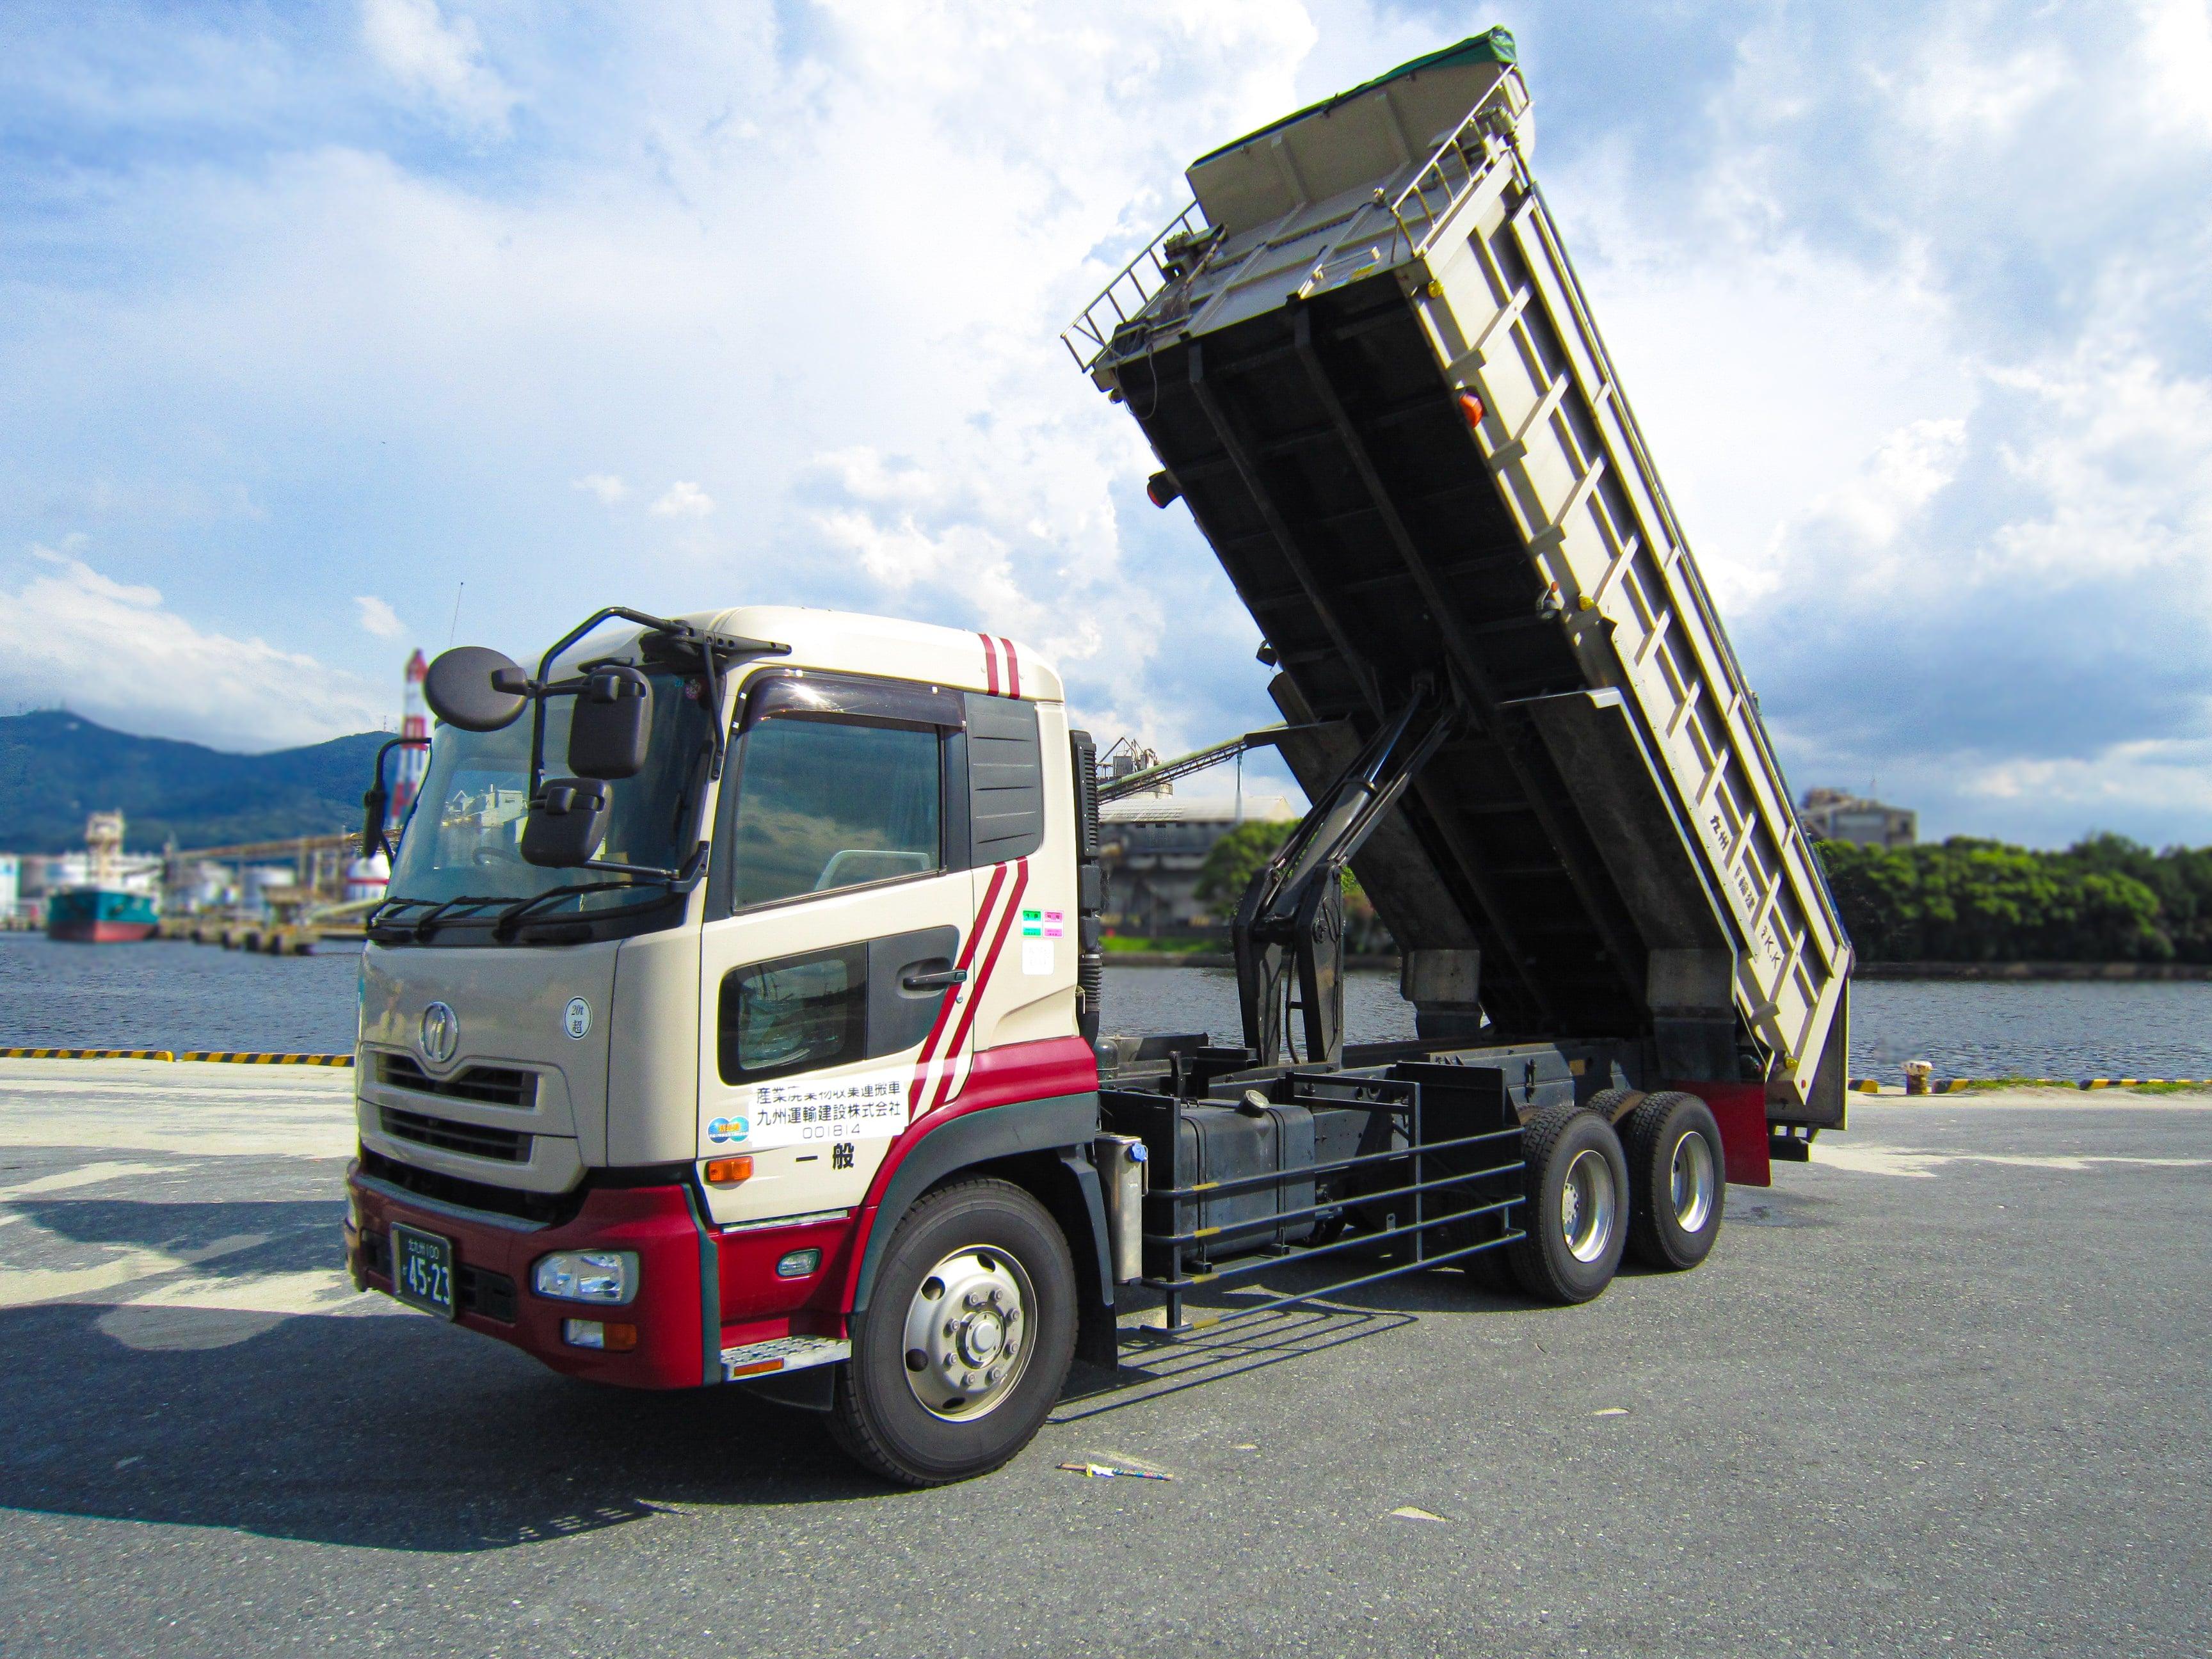 工場構内で原材料を10tダンプ車に積み込む|採用情報|九州運輸建設株式会社|北九州市